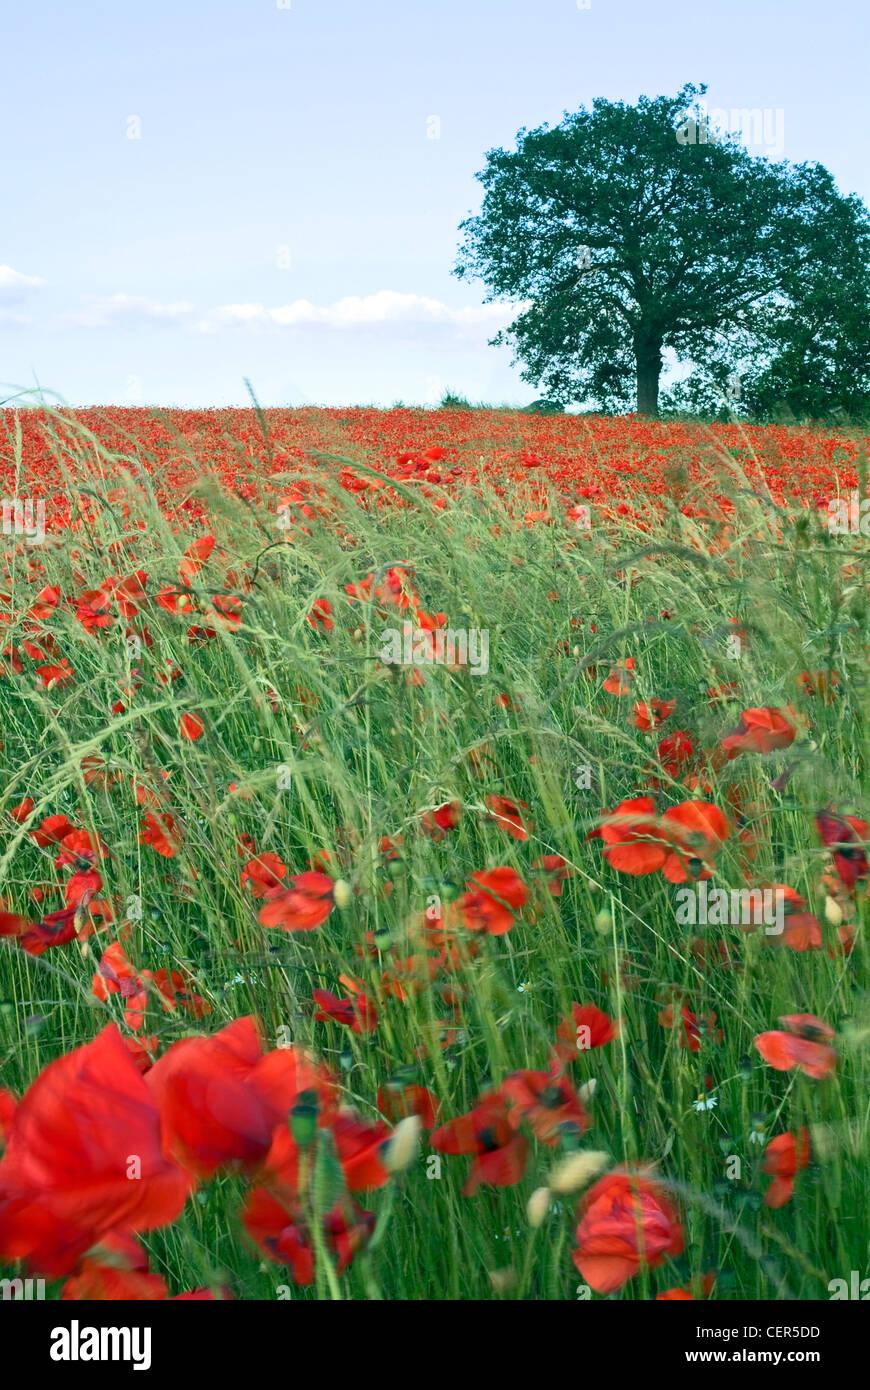 Las amapolas silvestres. Aunque es más común encontrar amapolas rojas, hay también de color blanco, Imagen De Stock